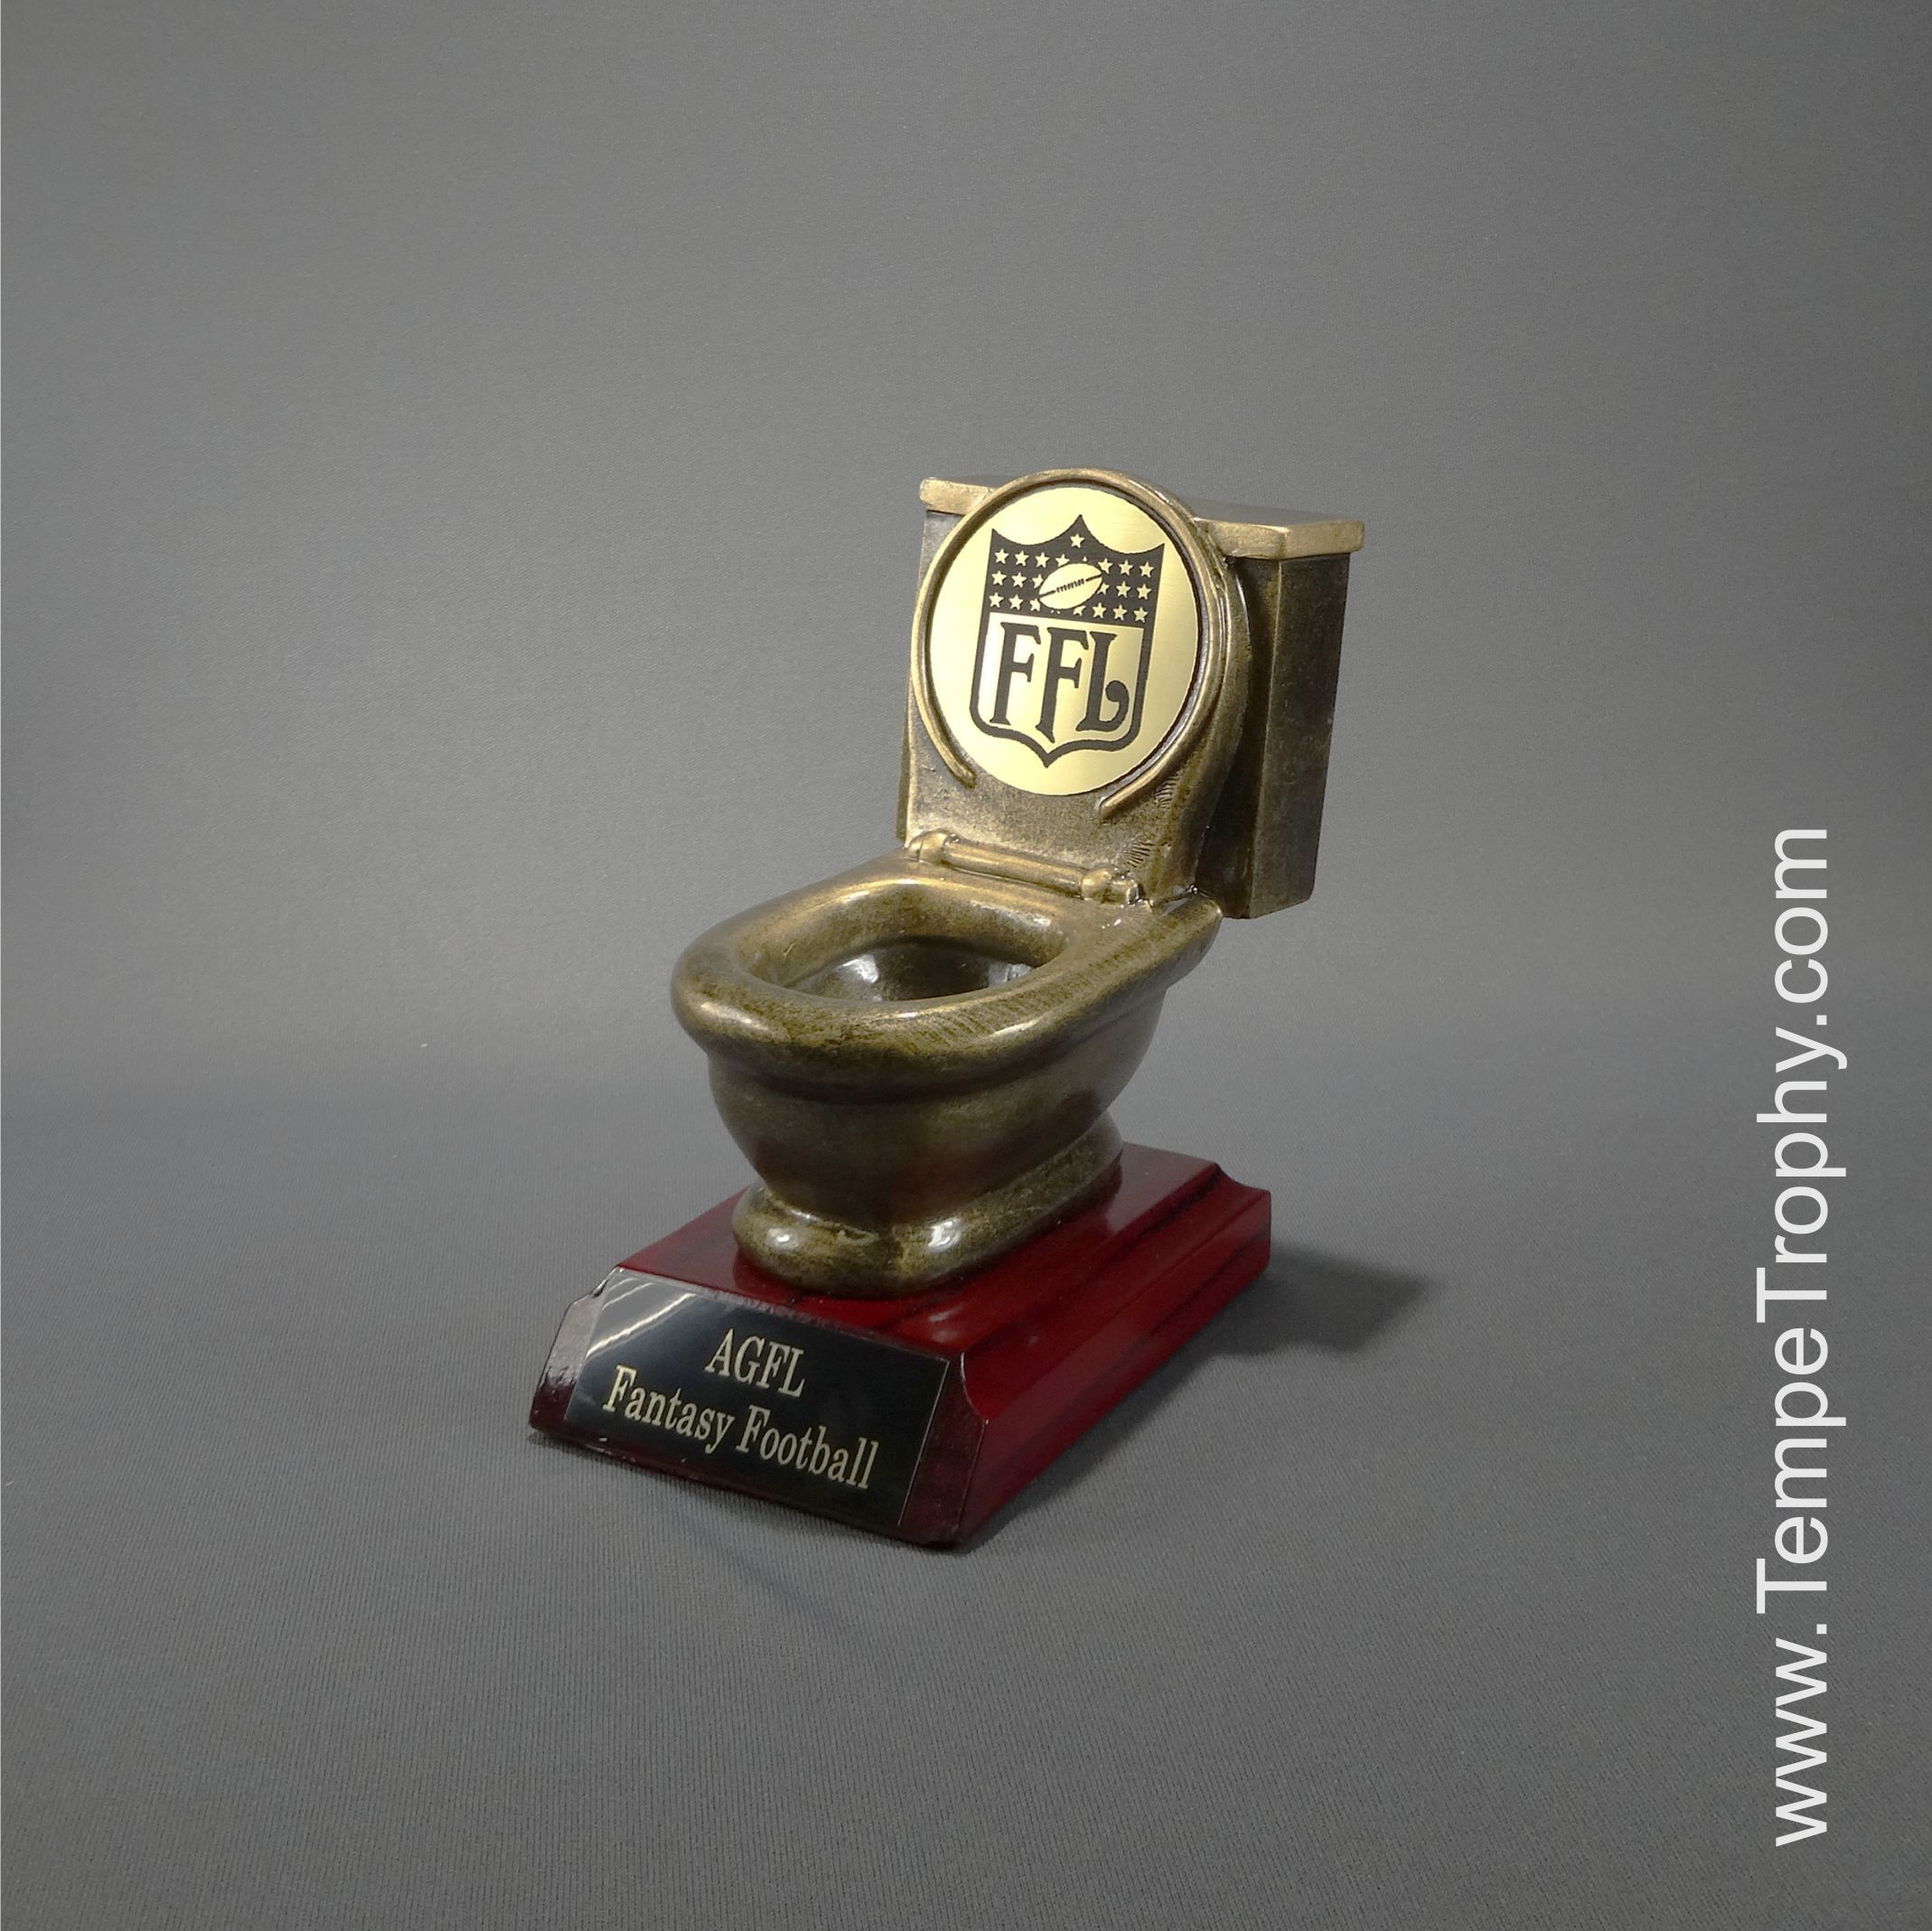 Fantasy football loosers trophy engravablez fantasy